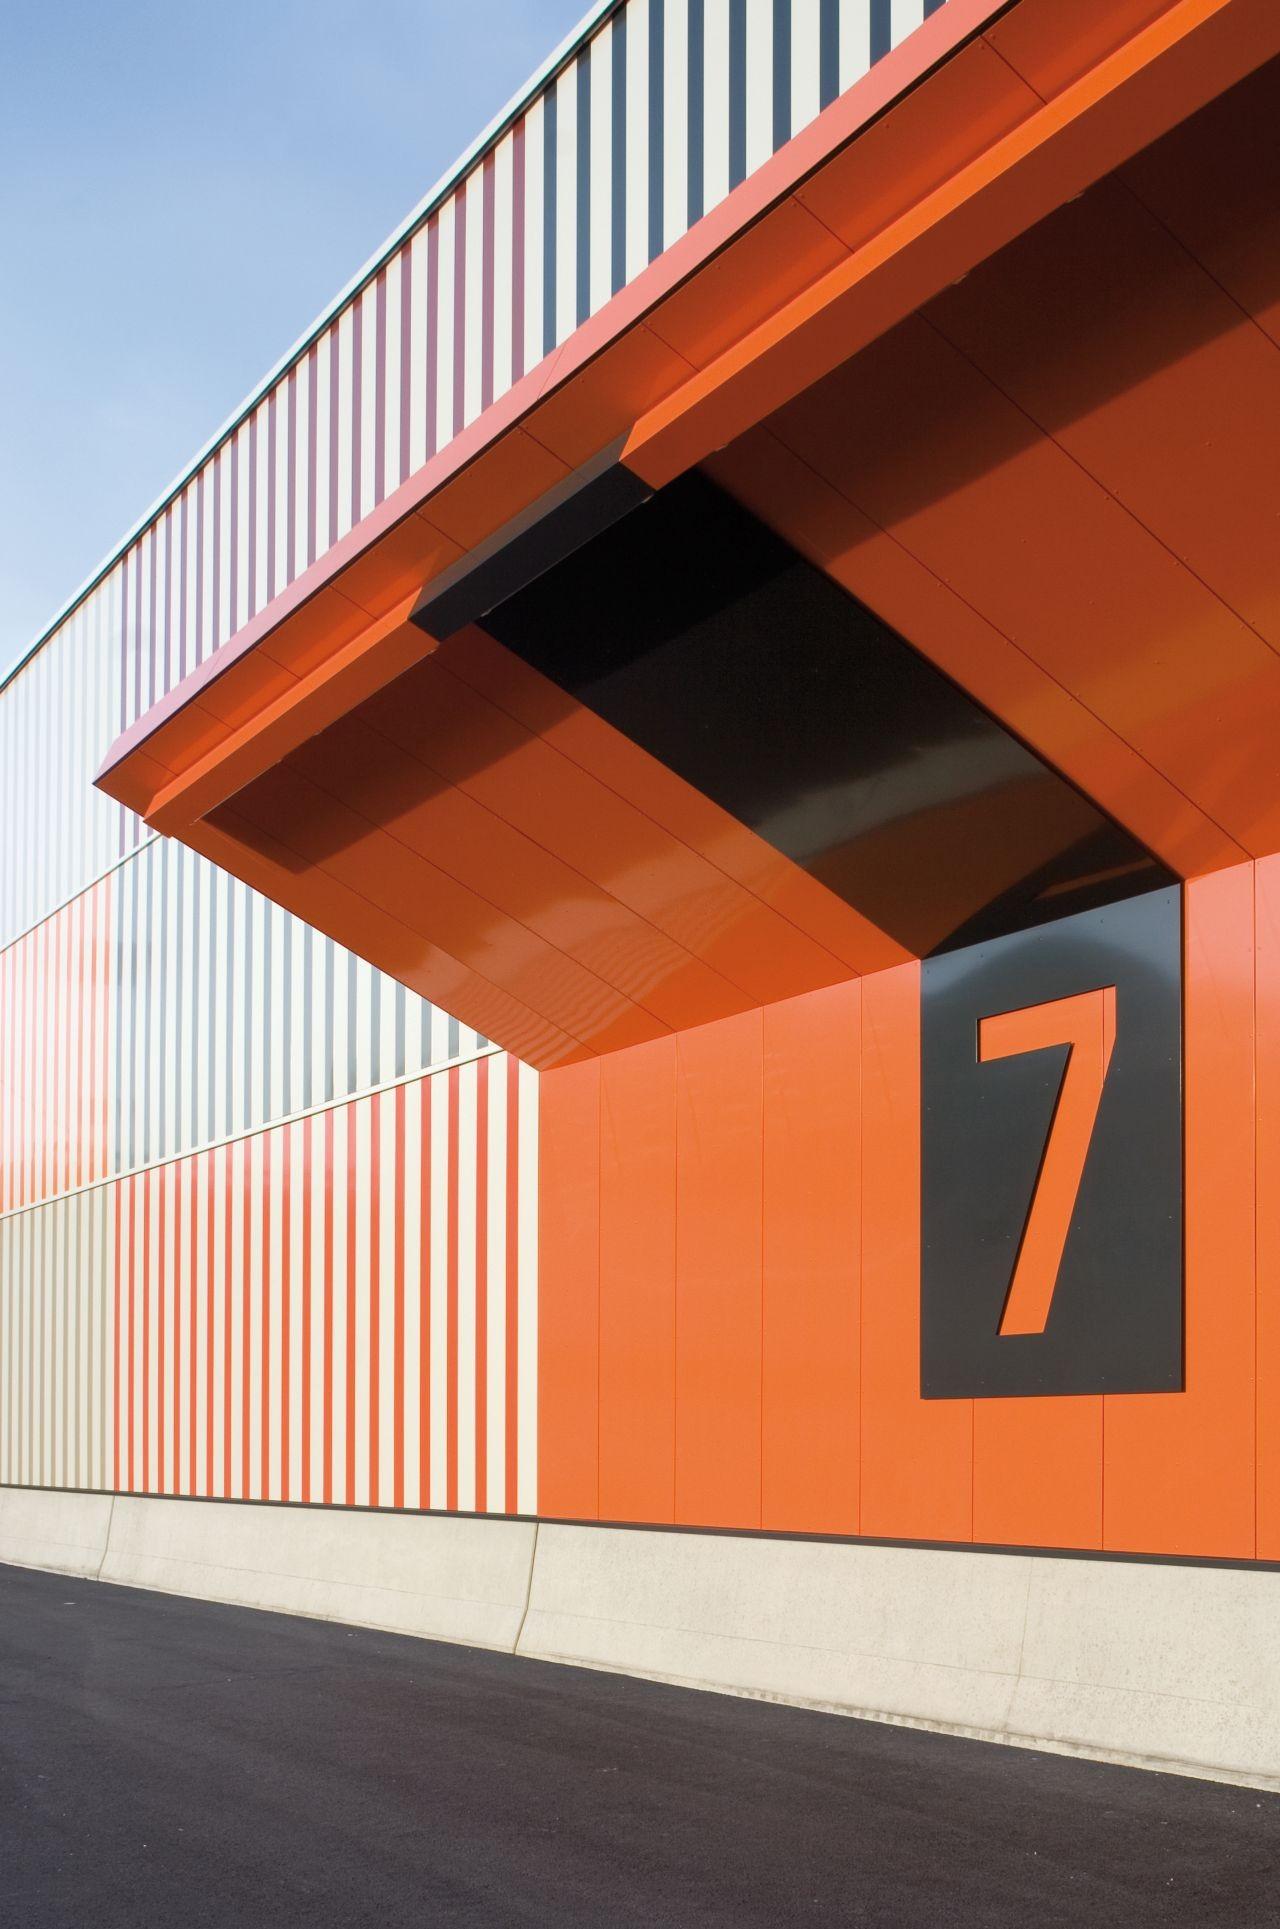 Architekten Frankfurt gallery of cargocenter frankfurt kölling architekten 7